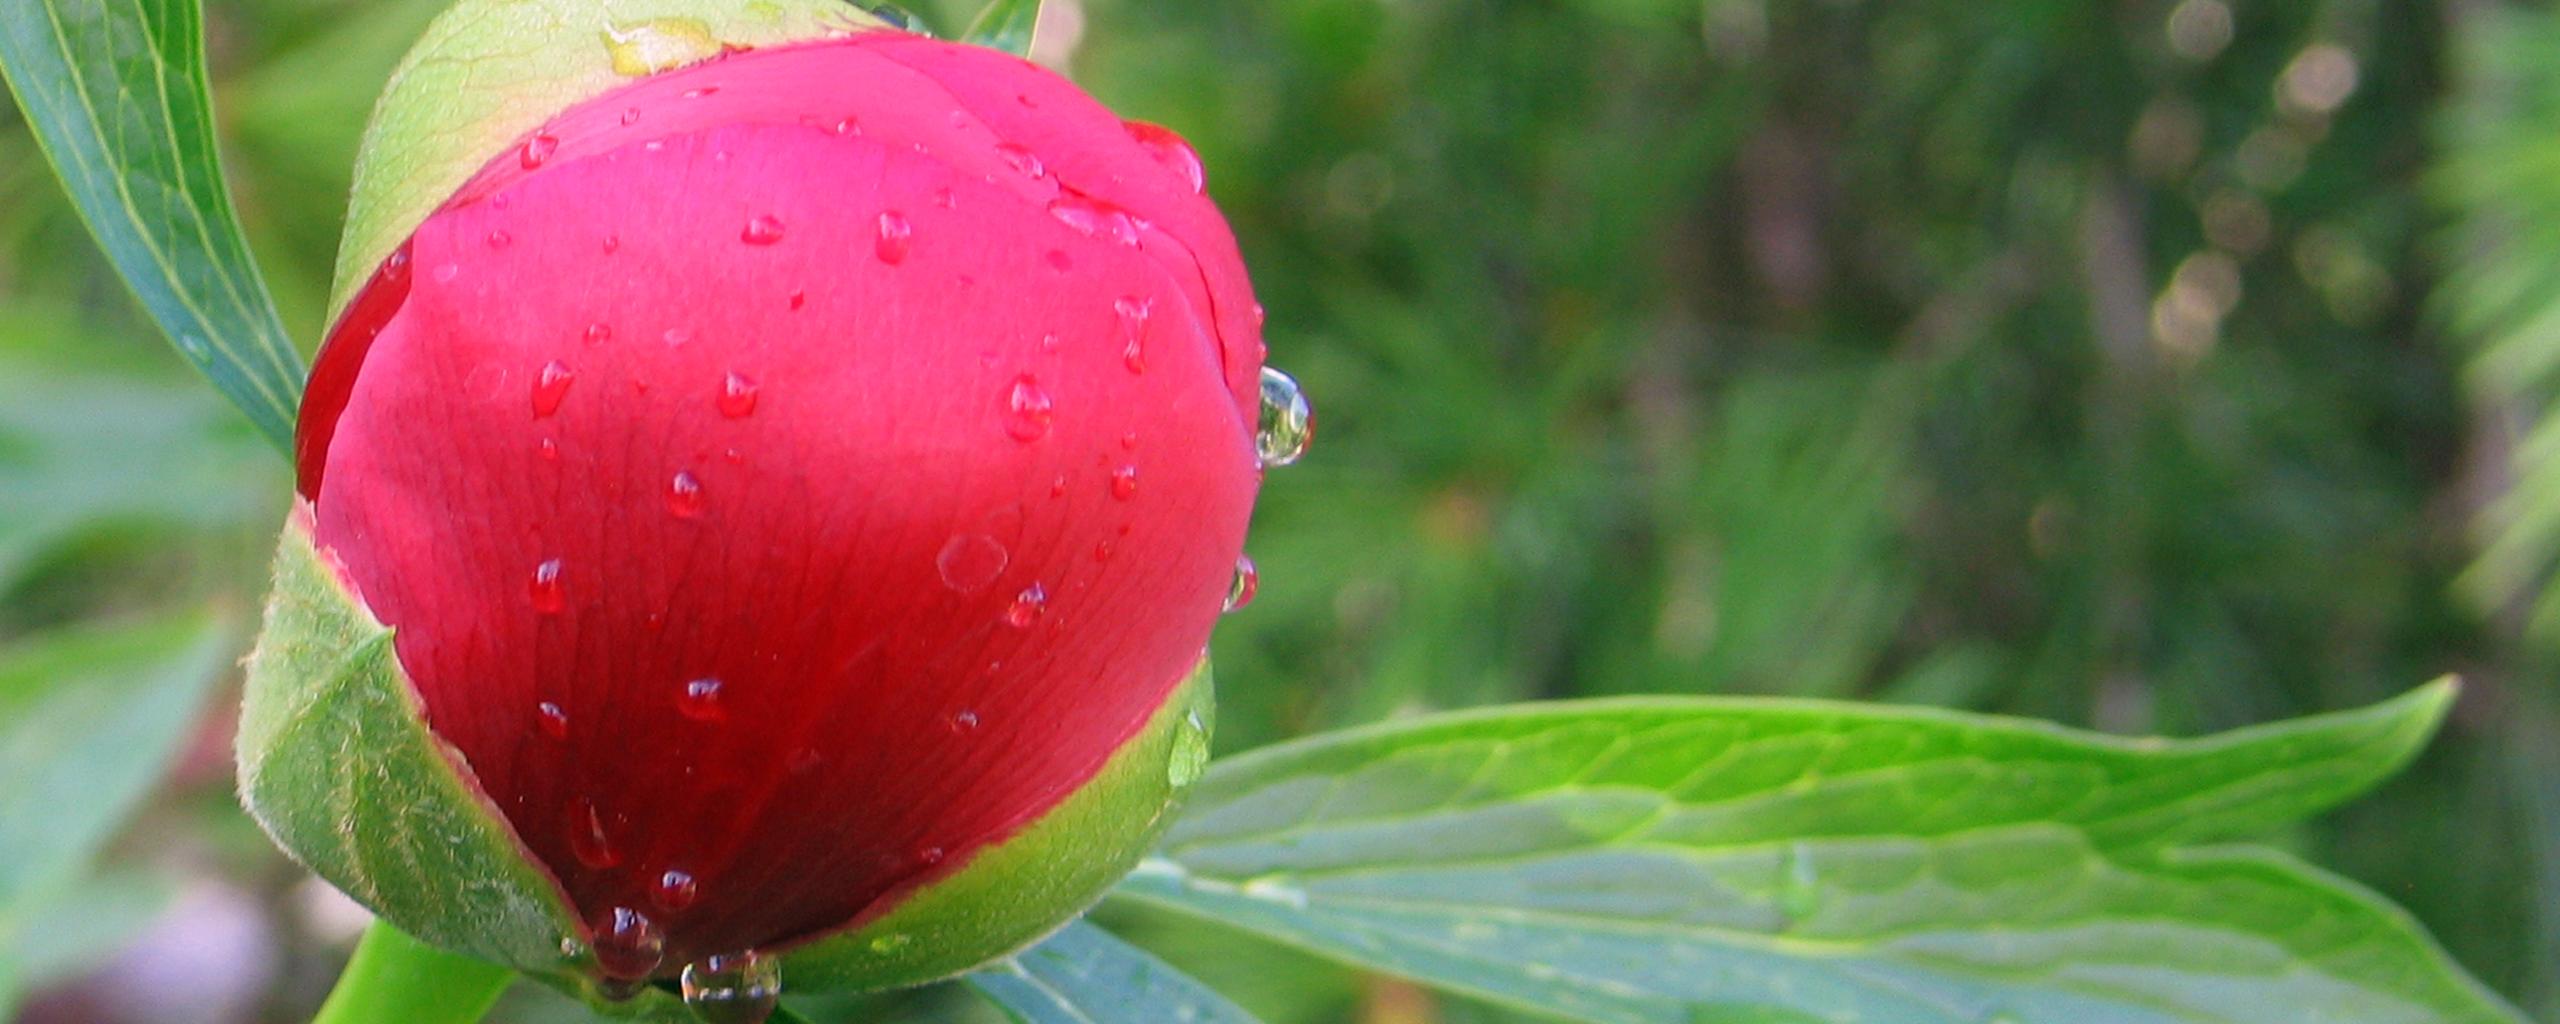 Rose Bud by Mossblaser